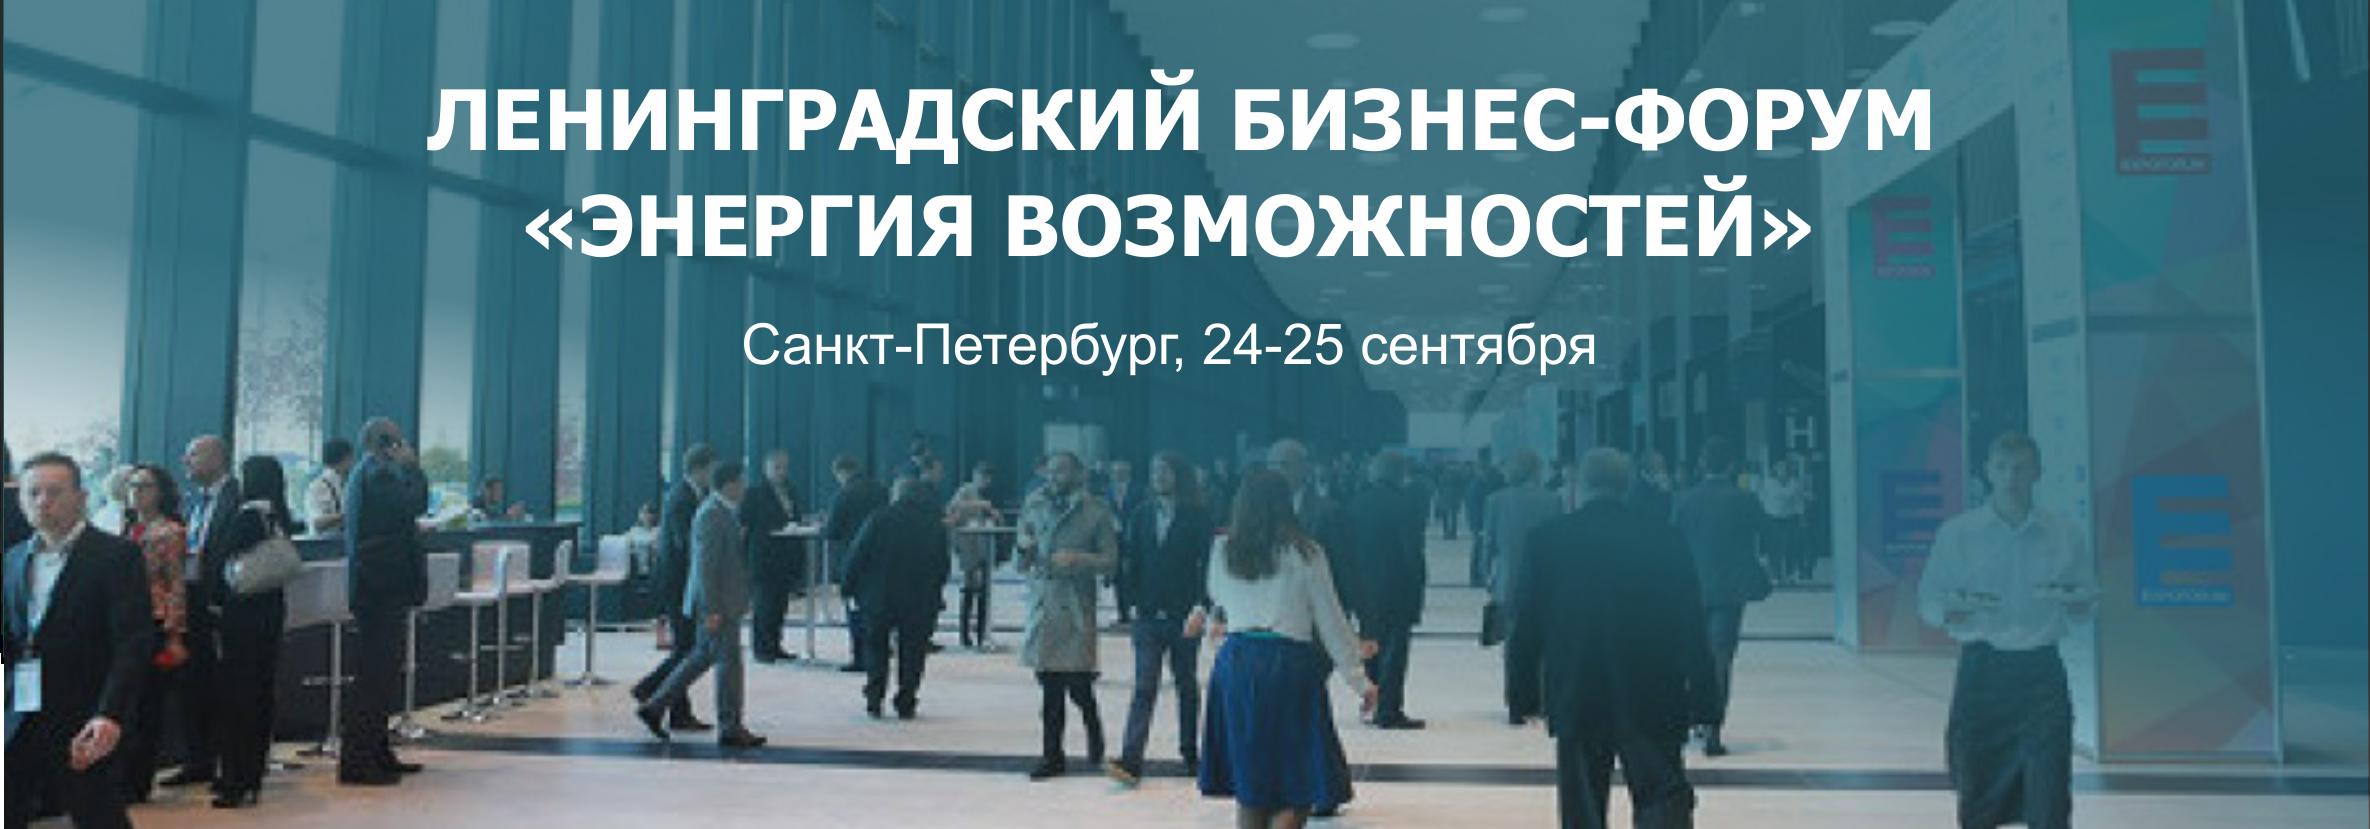 Ленинградский бизнес -форум Энергия возможностей